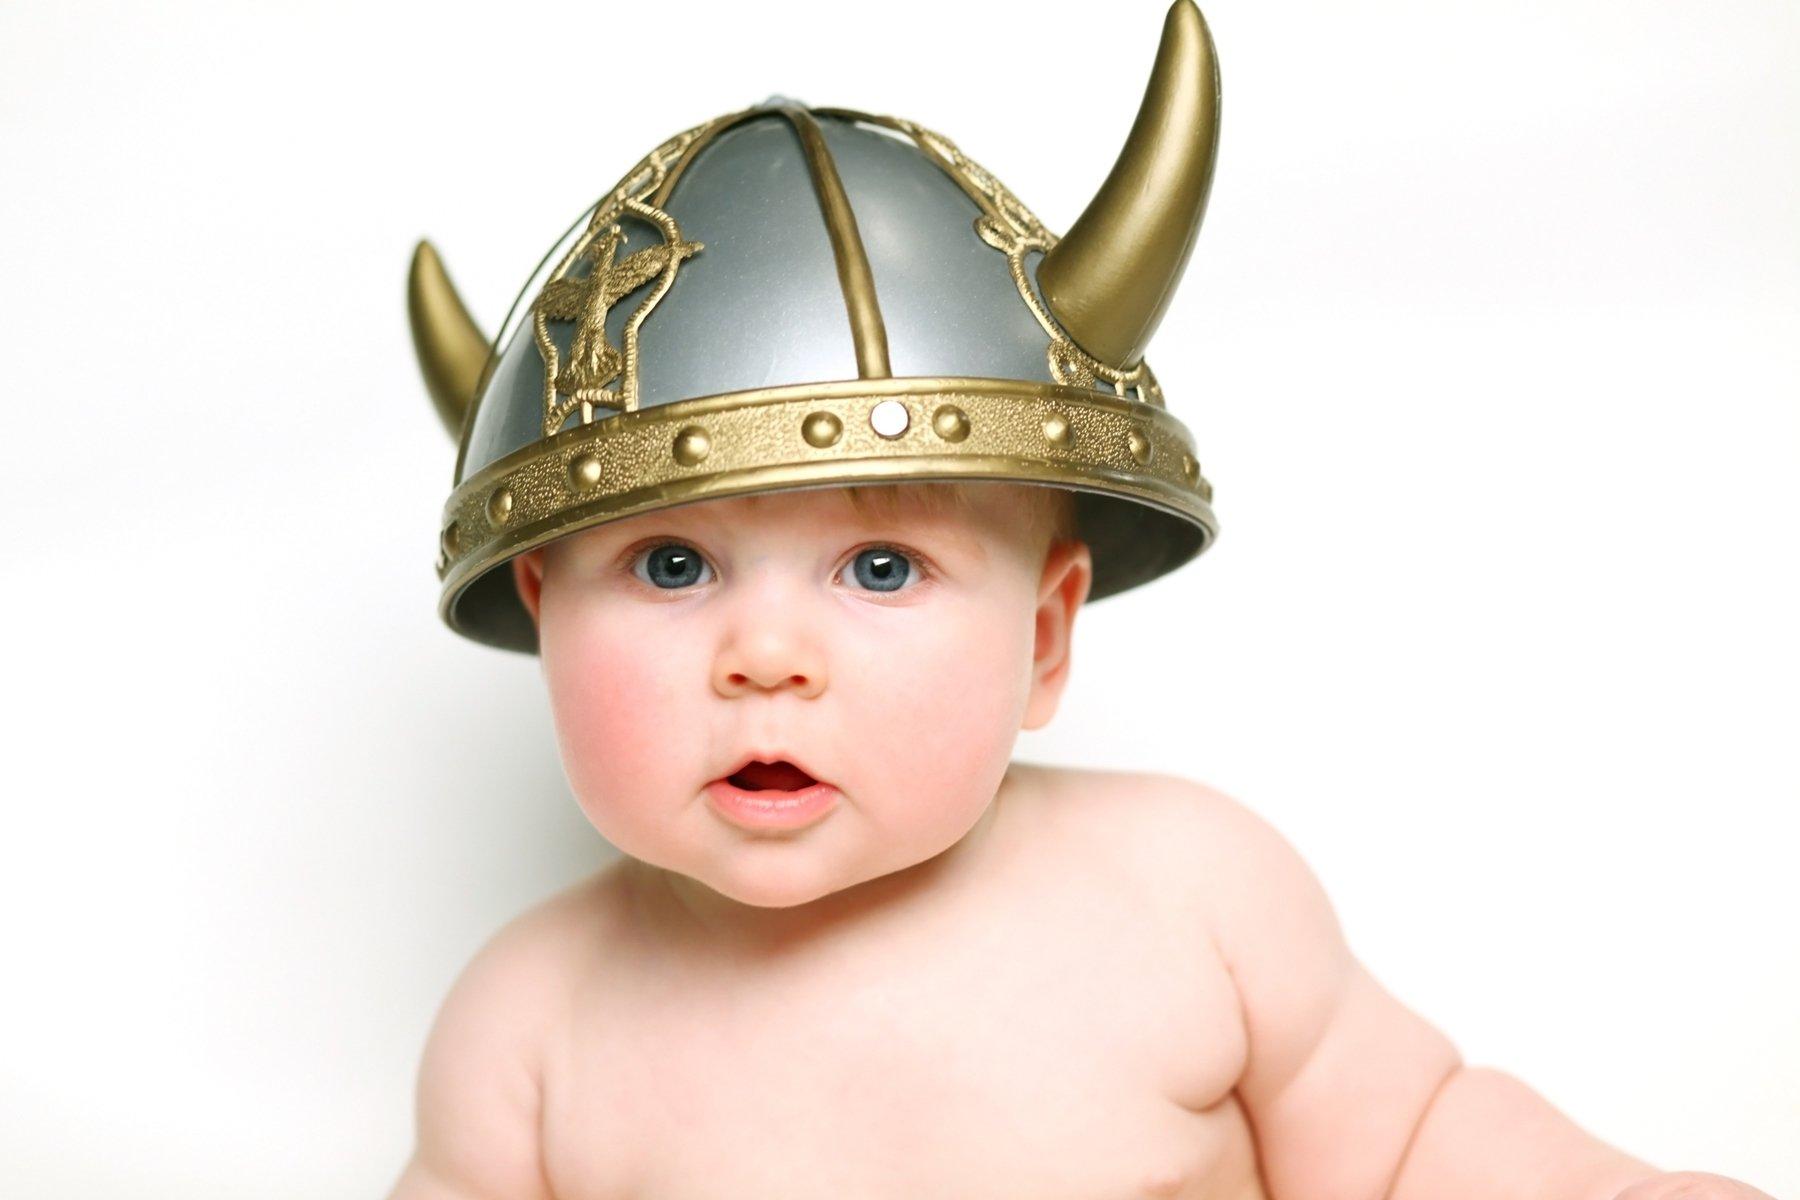 Bebé con casco de vikingo.